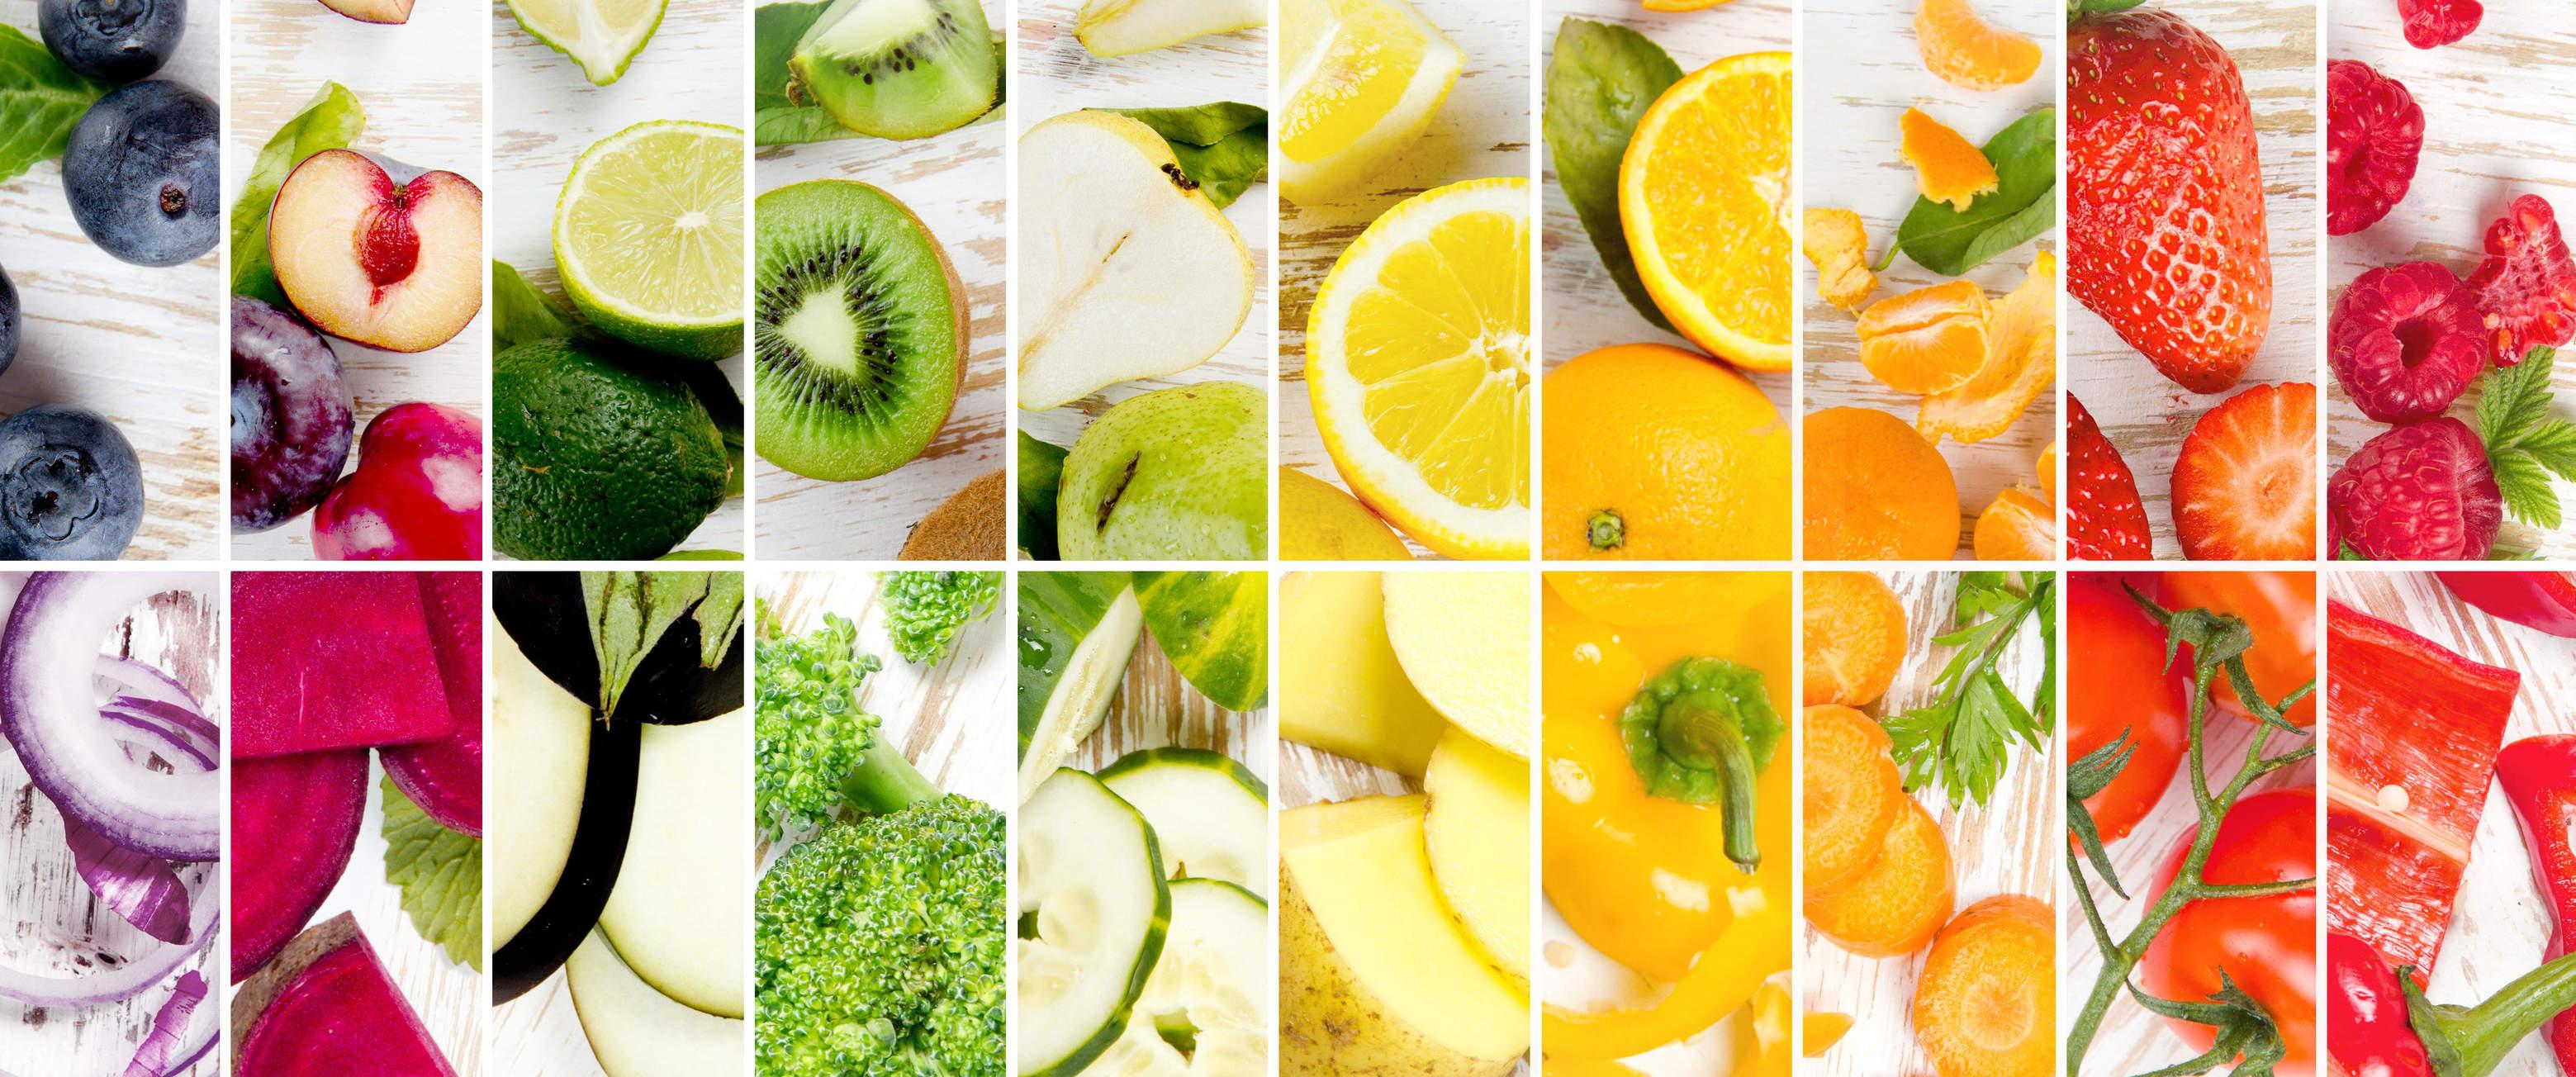 milyen legyen az egészséges és kiegyensúlyozott étrend remix